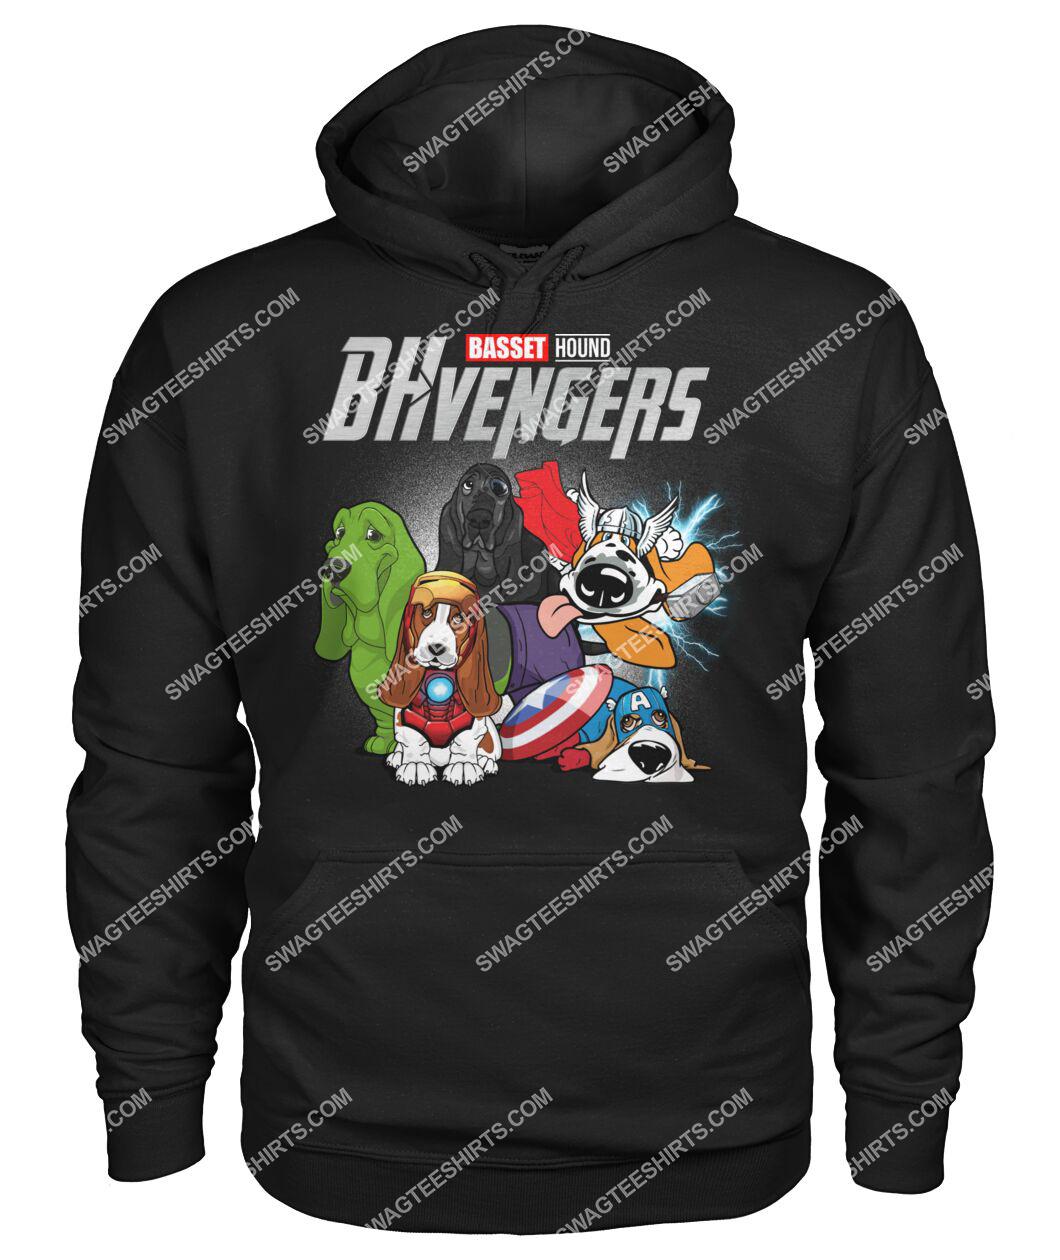 basset hound bhvengers marvel avengers dogs lover hoodie 1